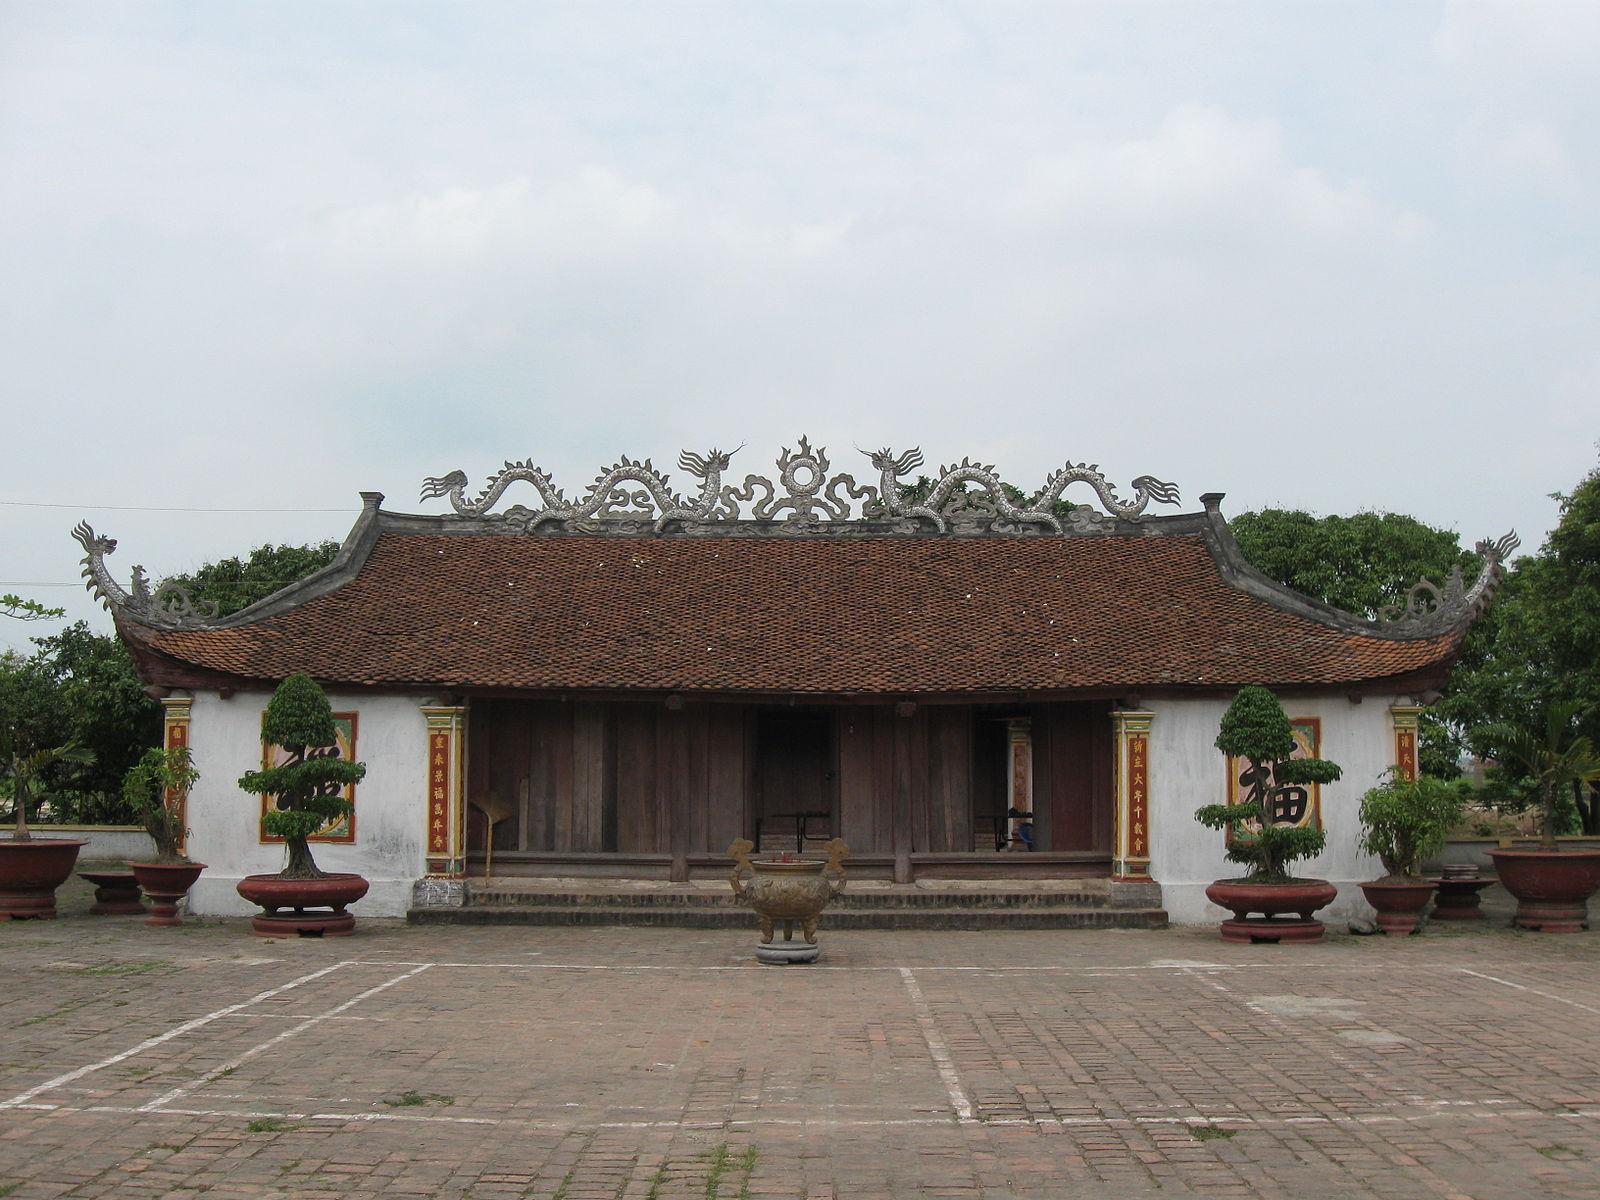 Đền thờ Mạc Đĩnh Chi tại quê ông. (Ảnh từ wikipedia.org)